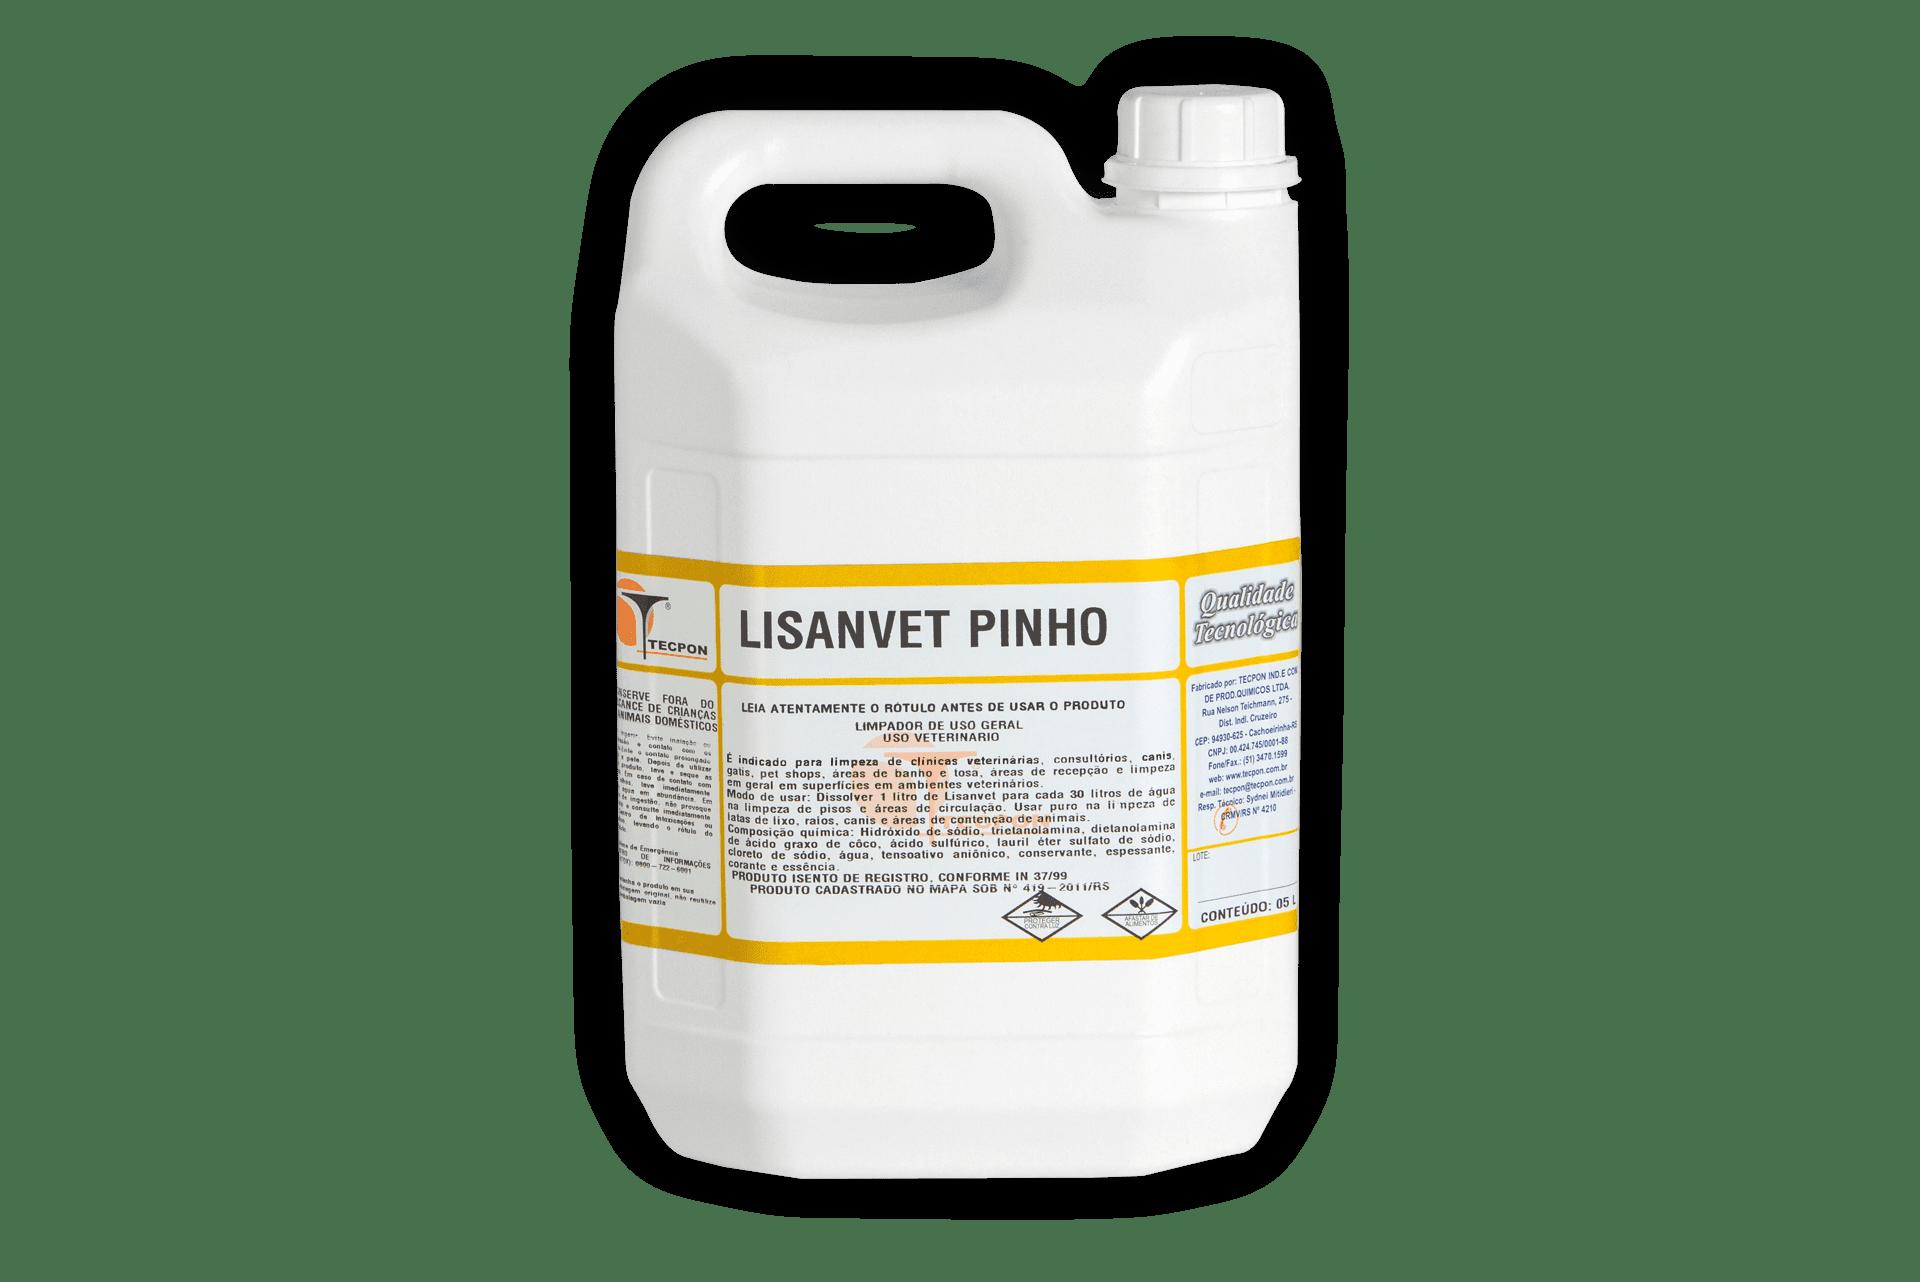 Foto do produto Lisanvet 5 Litros para visualização